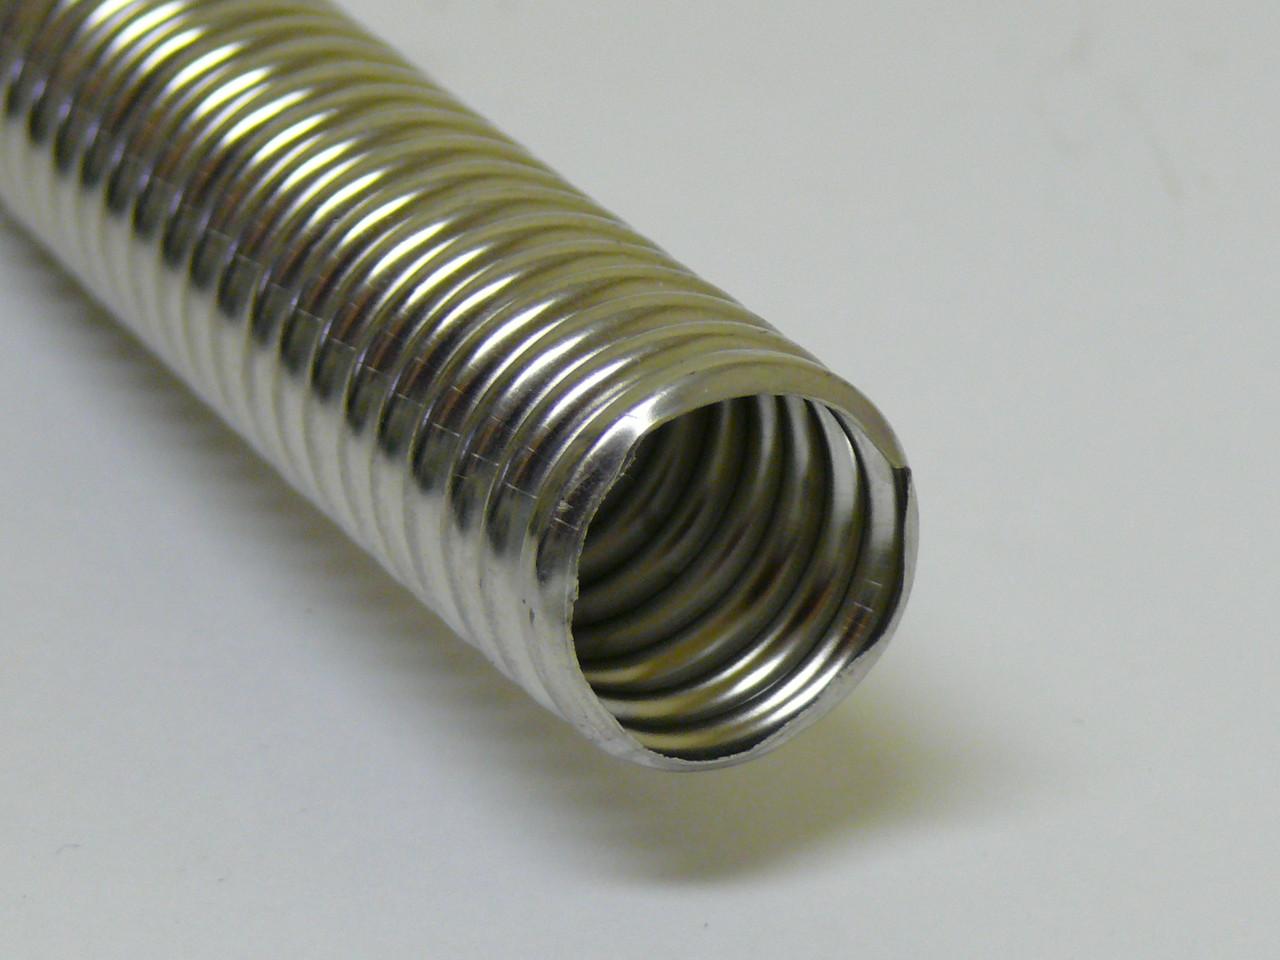 Преимущества гофрированной трубы из нержавеющей стали, виды и способы использования